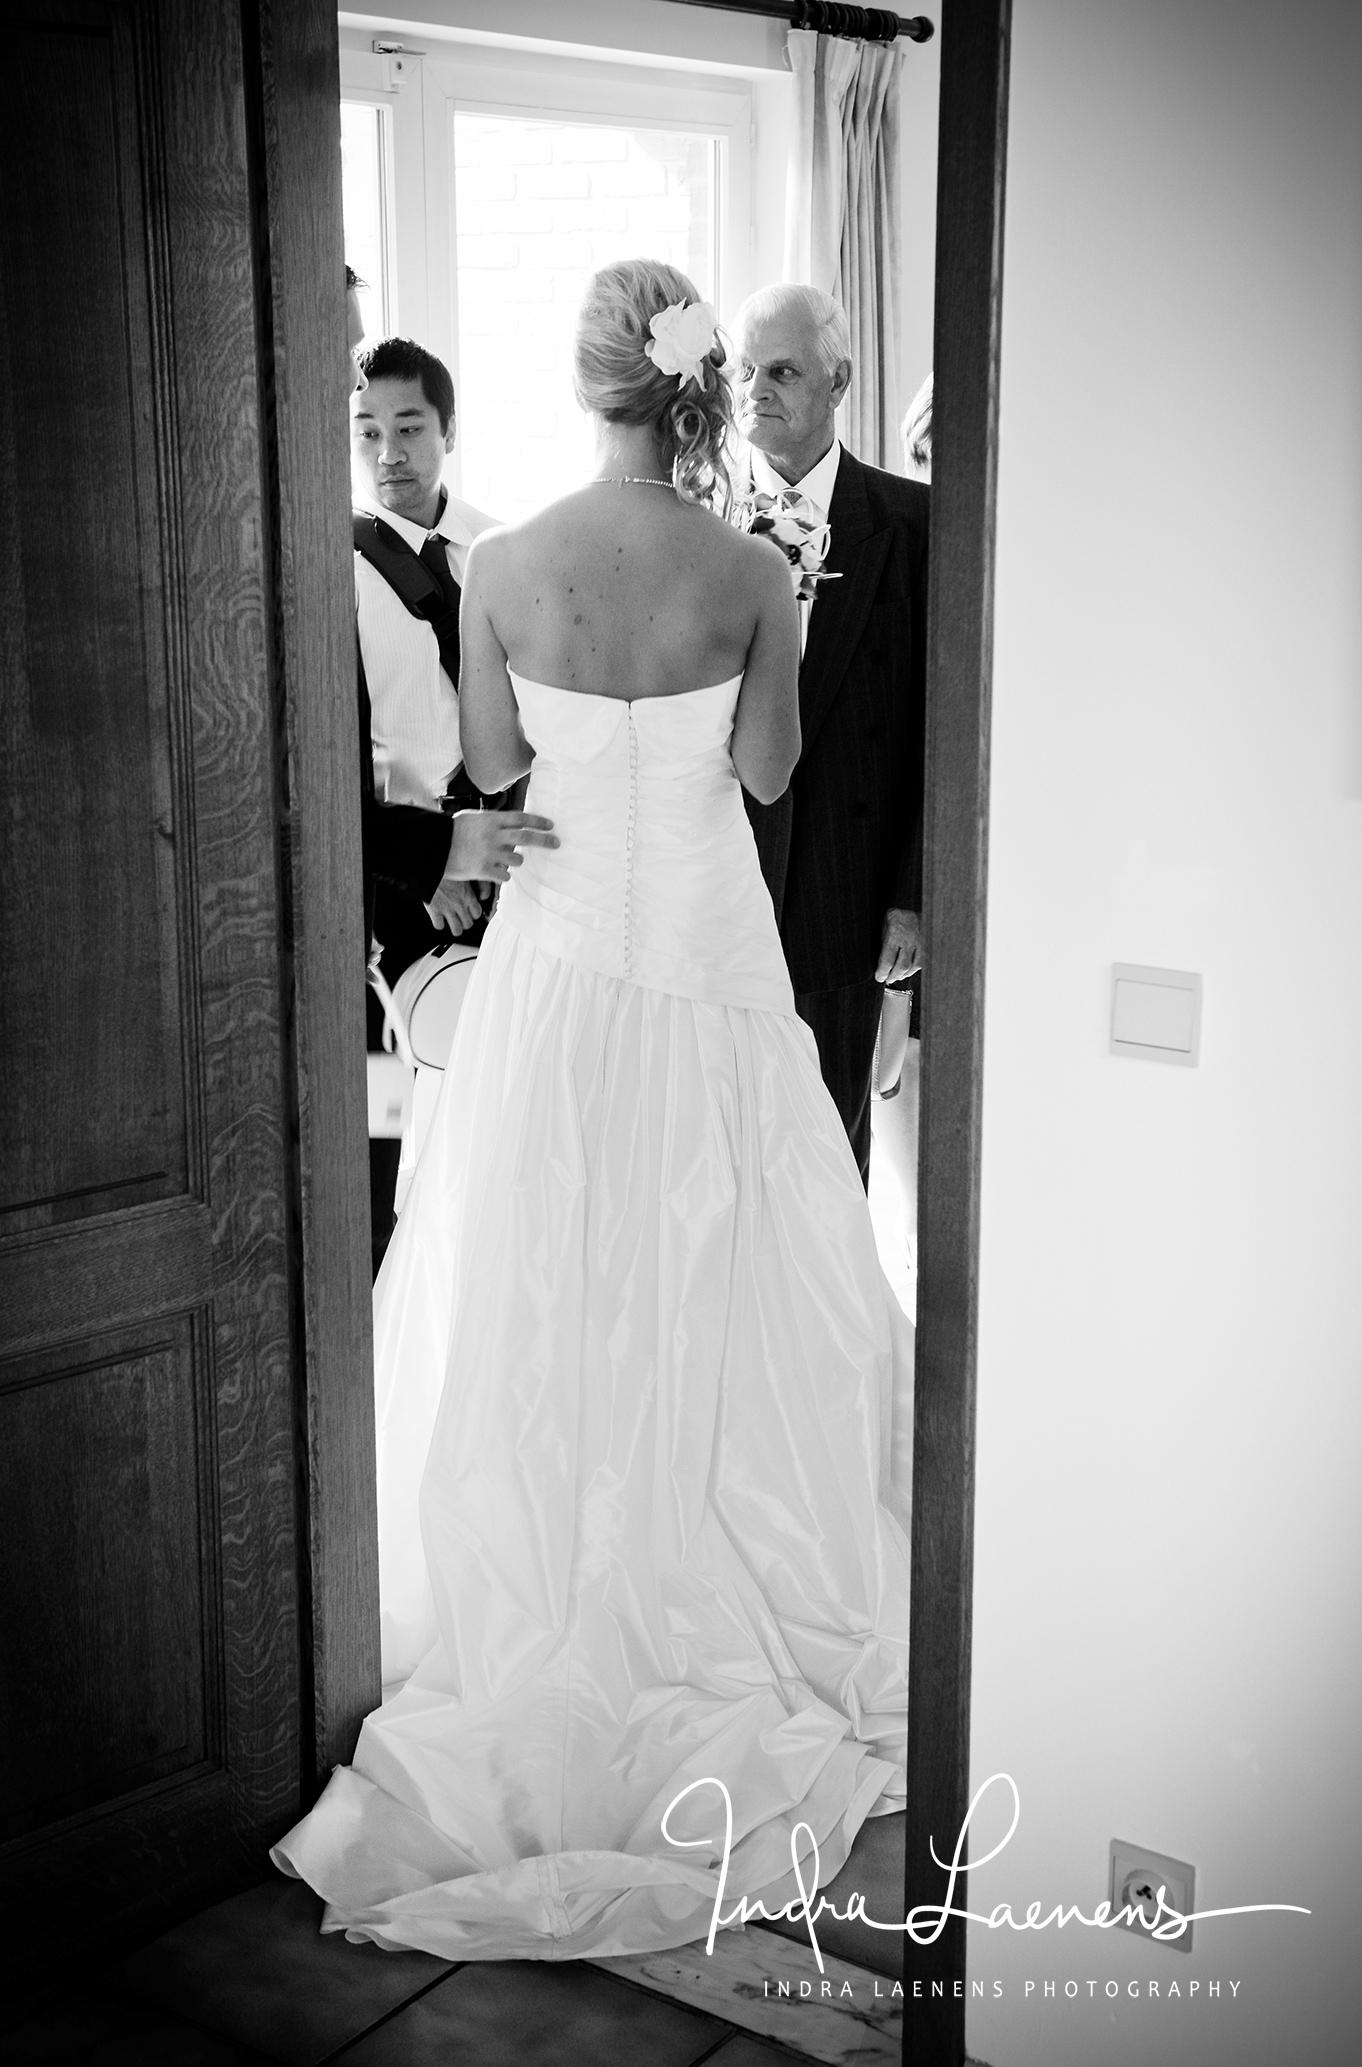 Opmaak bruid- ontmoeting